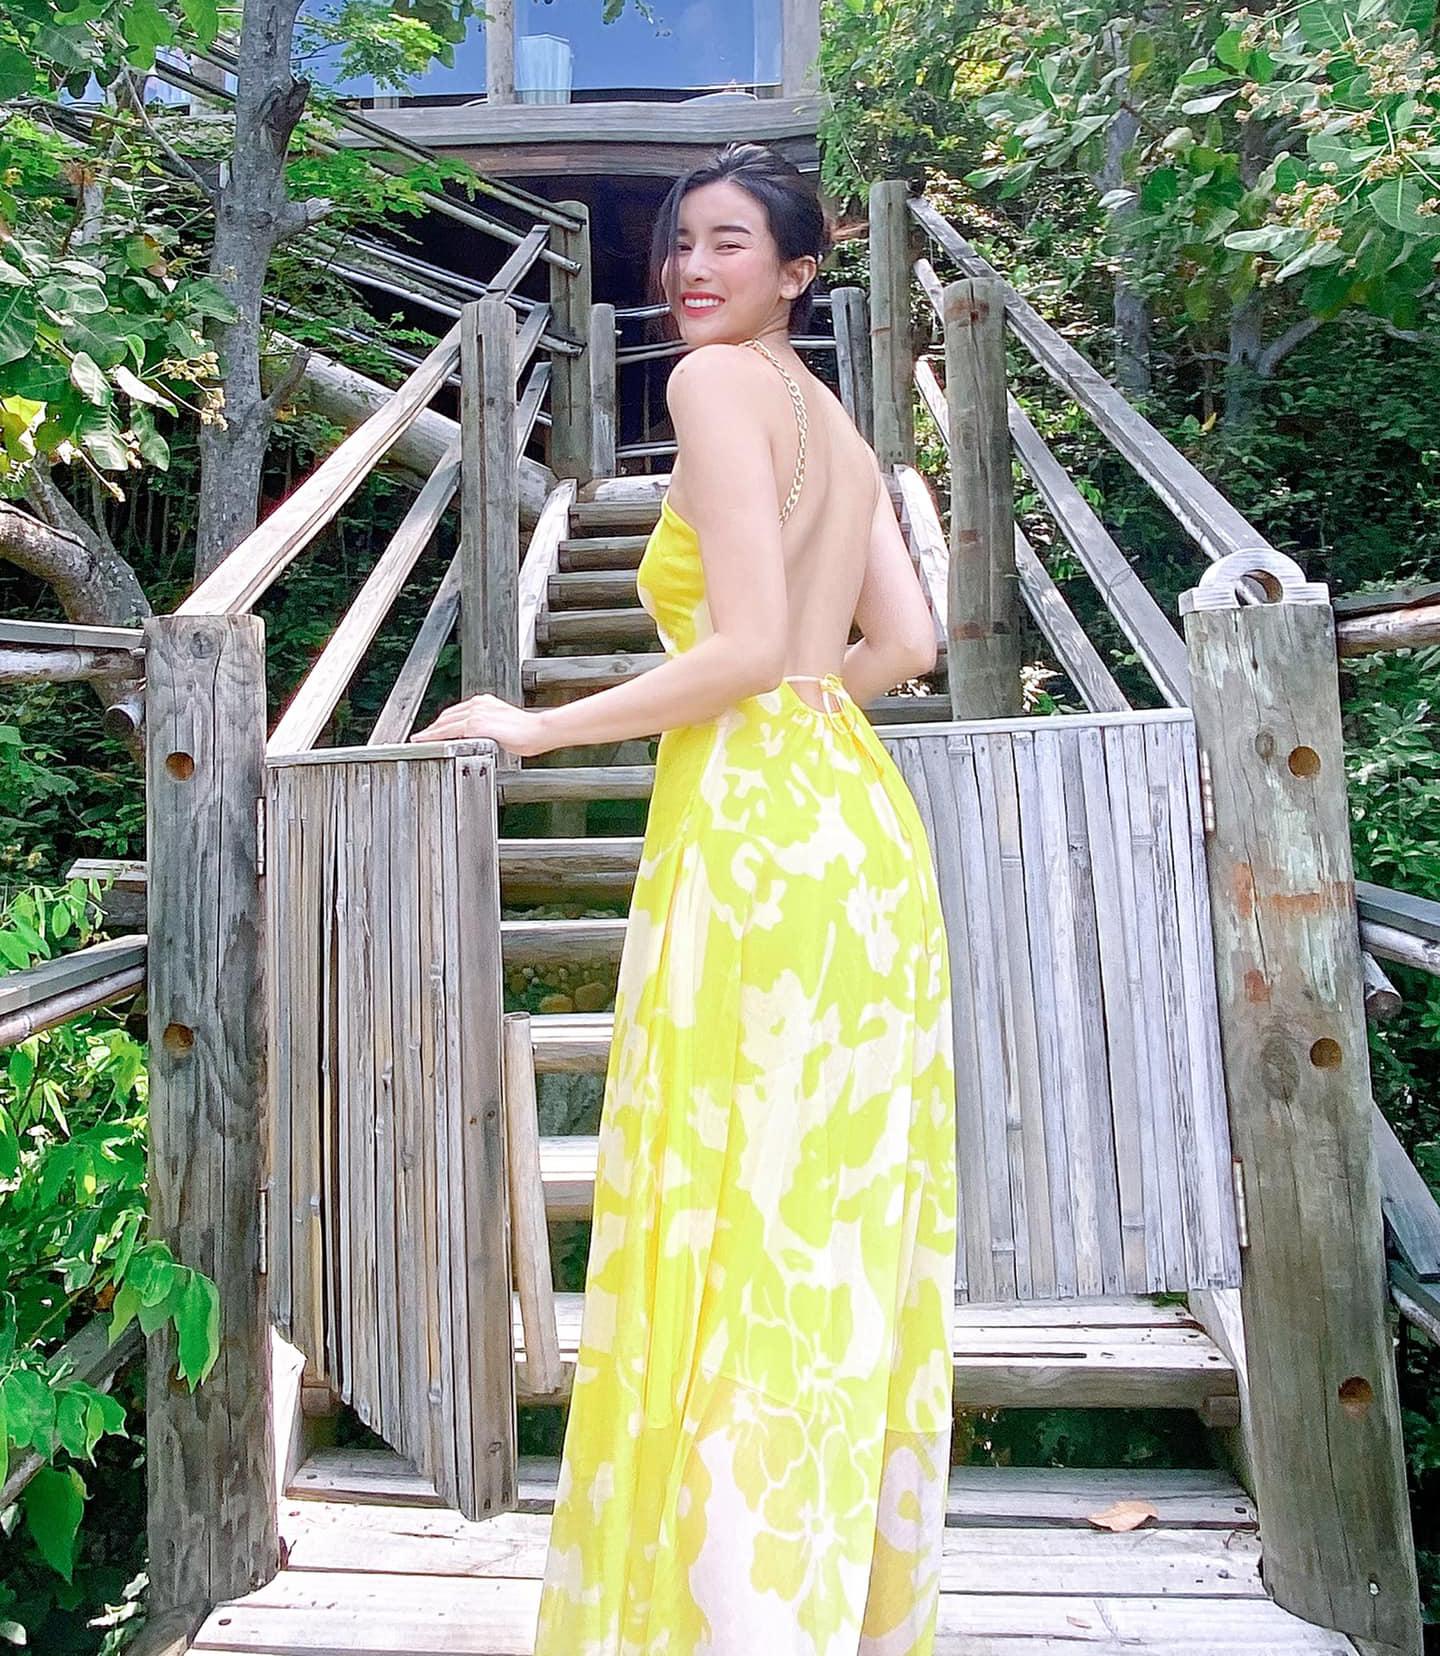 Cao Thái Hà cũng chọn đầm maxi hở lưng để đi biển. Thiết kế có tông vàng rực như nắng, tôn lên da trắng nõn nà.